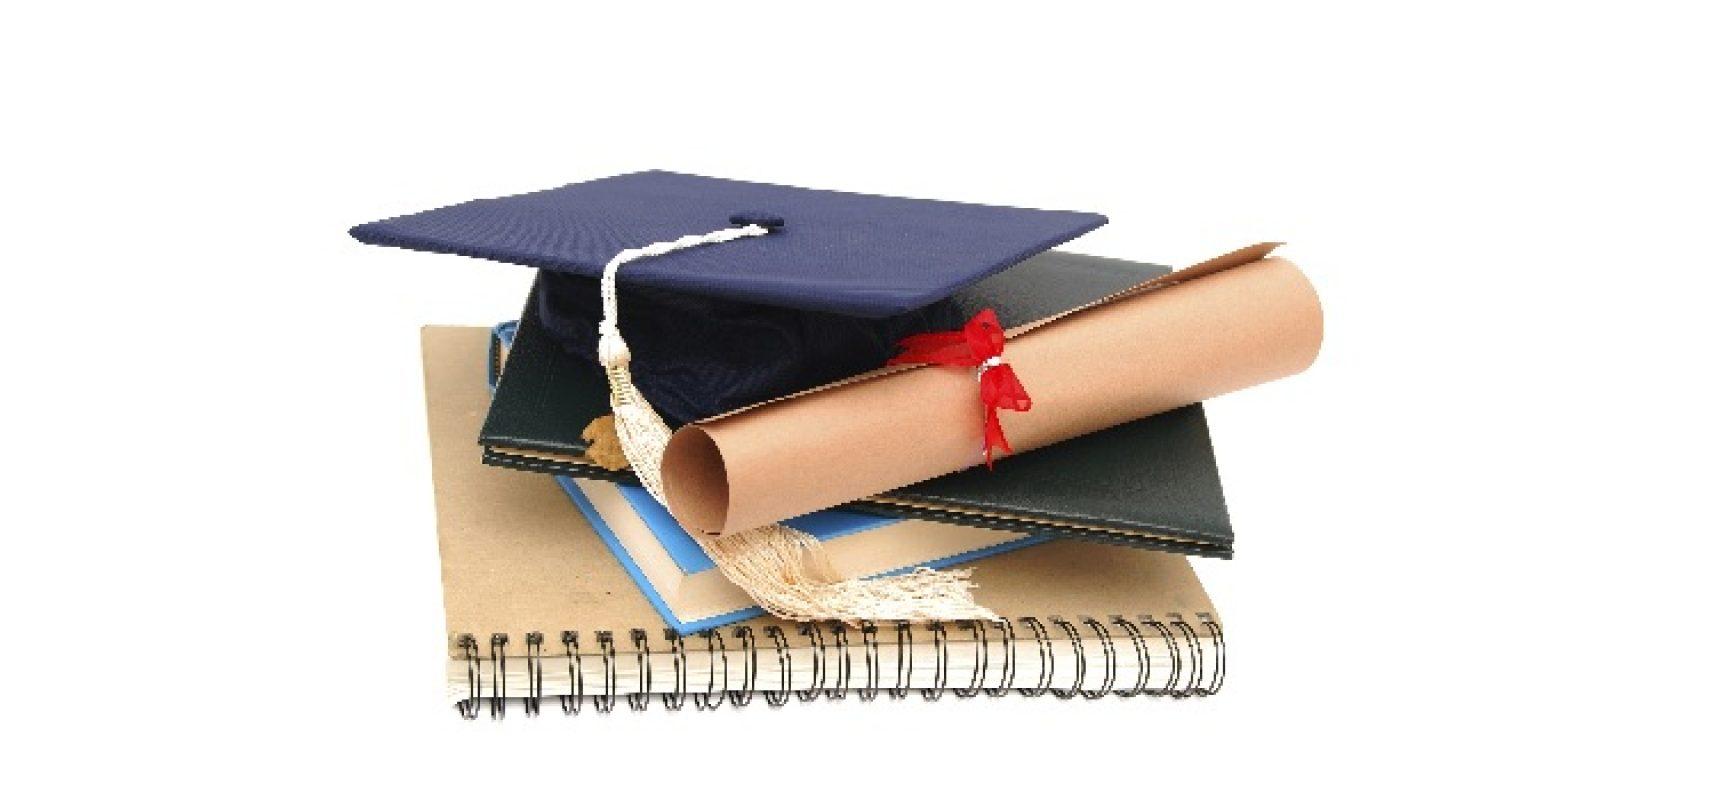 Borse di studio, la denuncia dei consiglieri Paolucci, Mariani e Di Benedetto